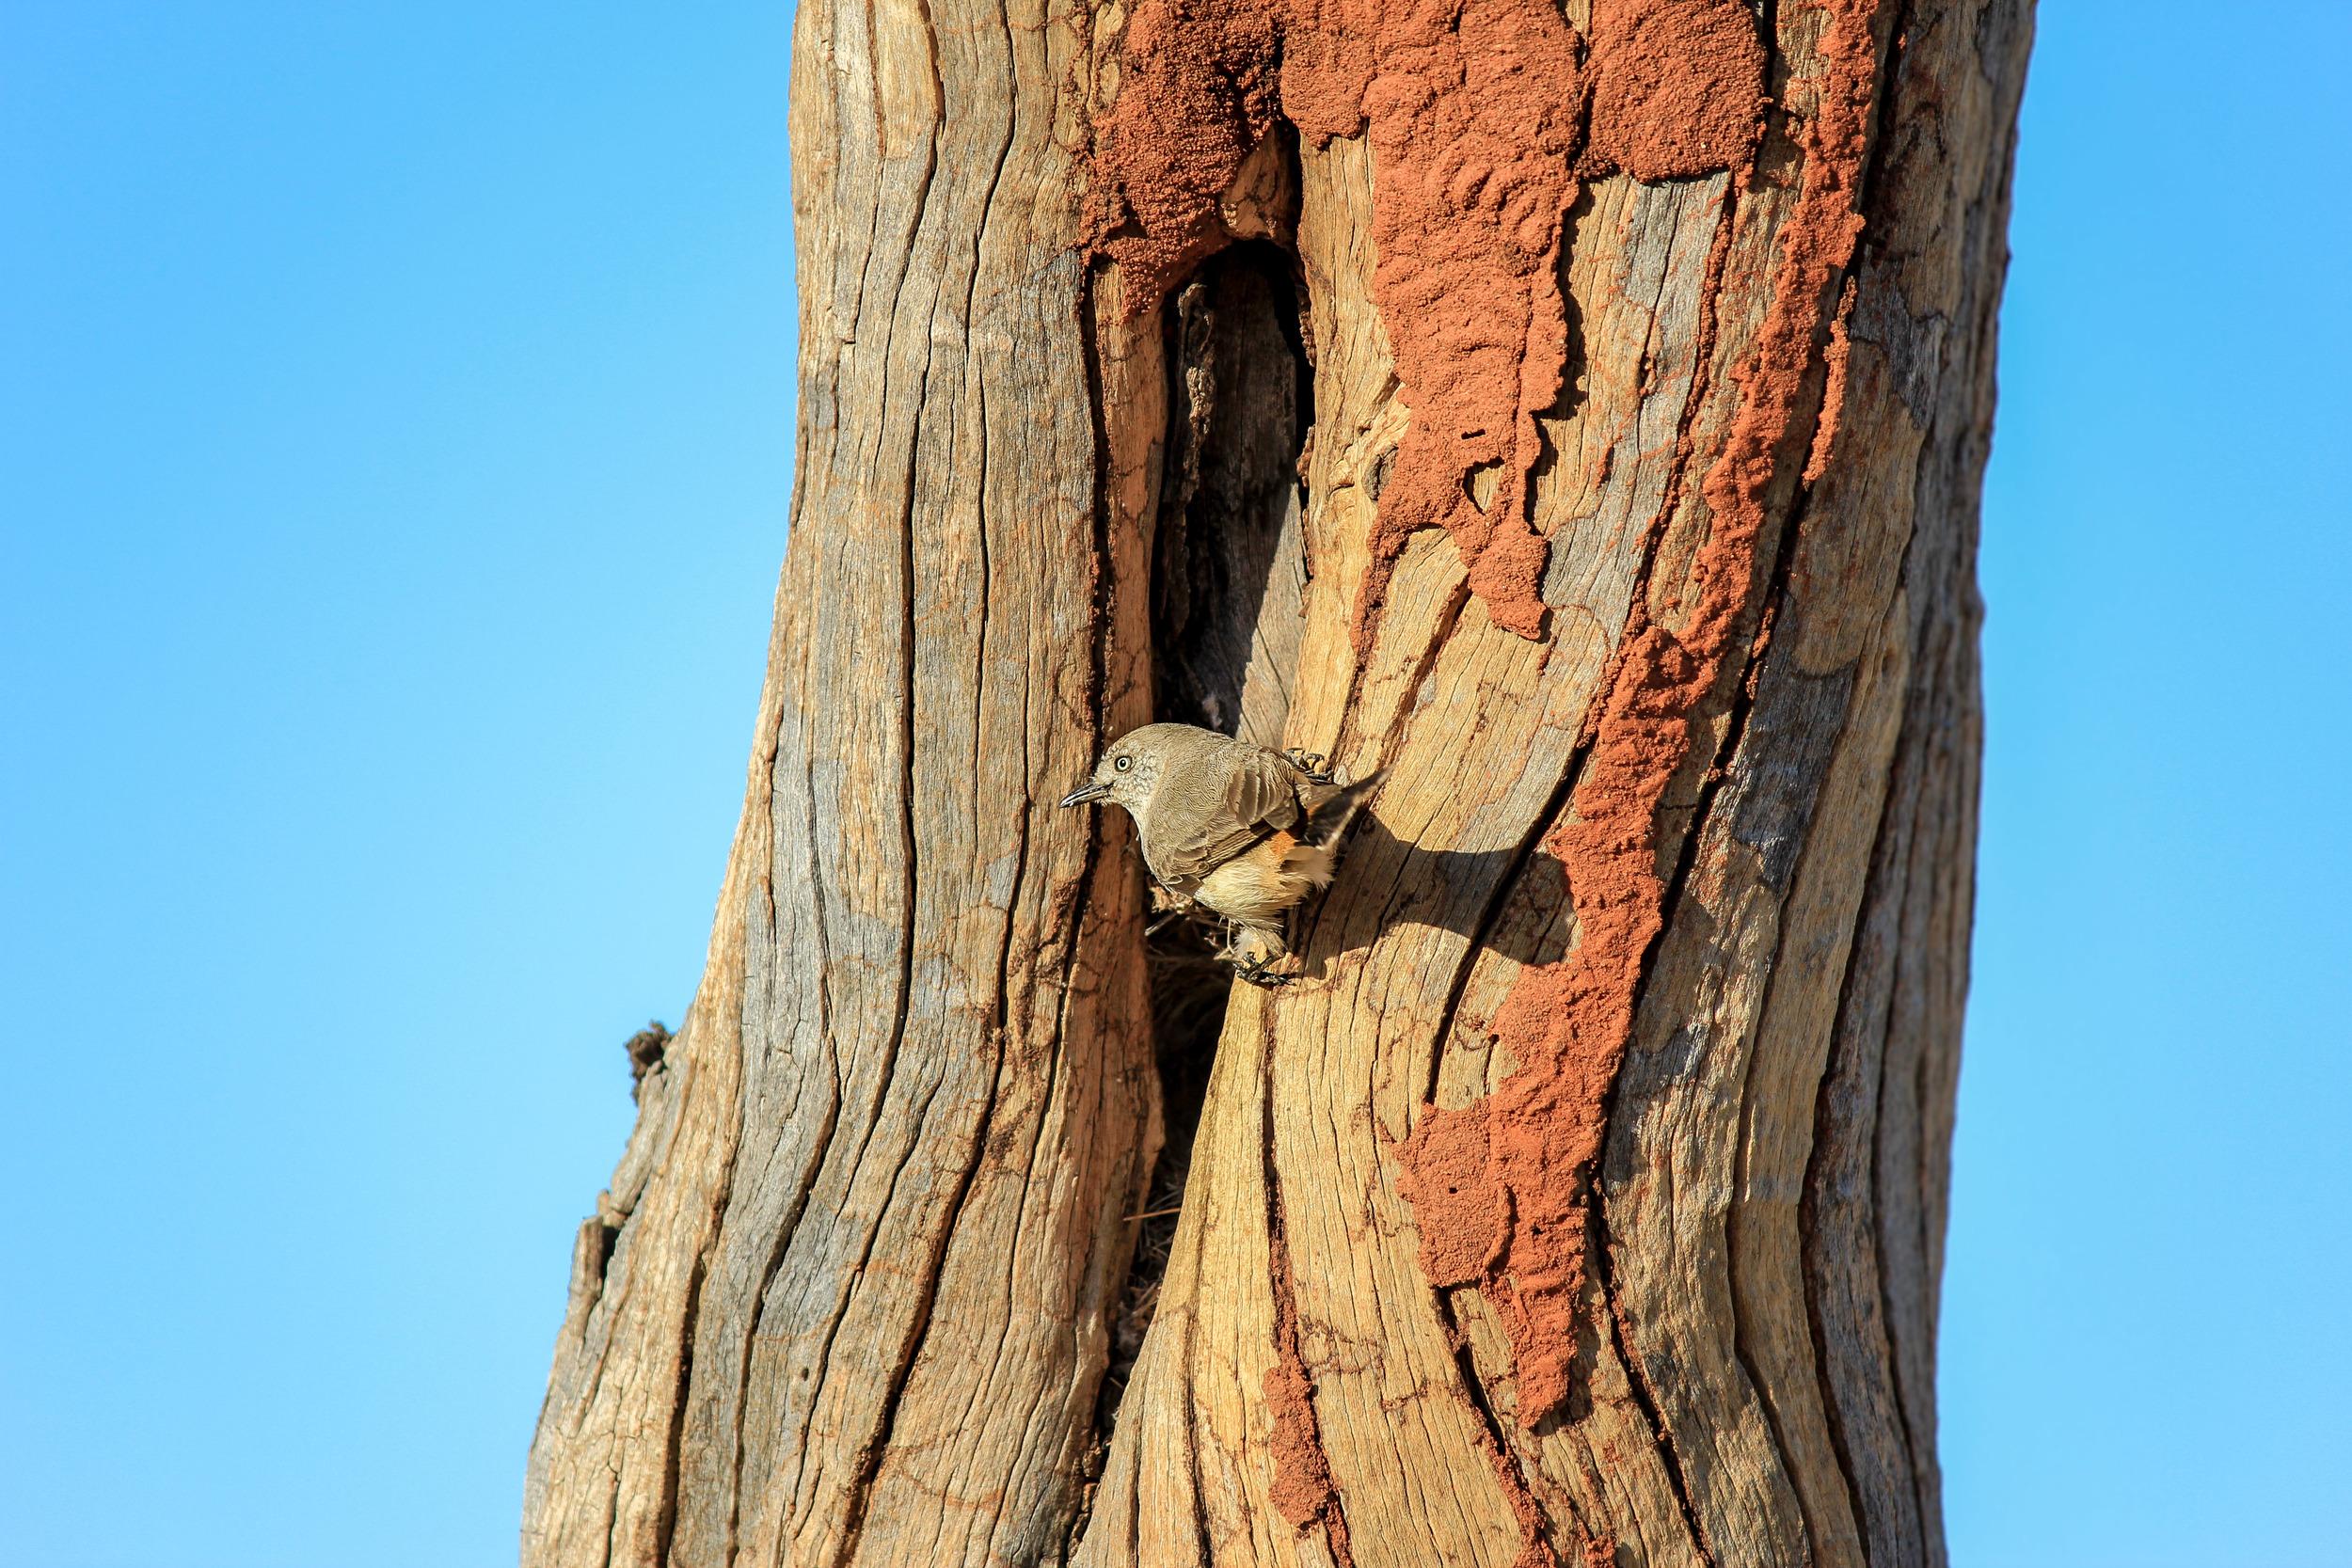 Chestnut-rumped Thornbill ( Acanthiza uropygialis ). Photo by Rebecca Sullivan.